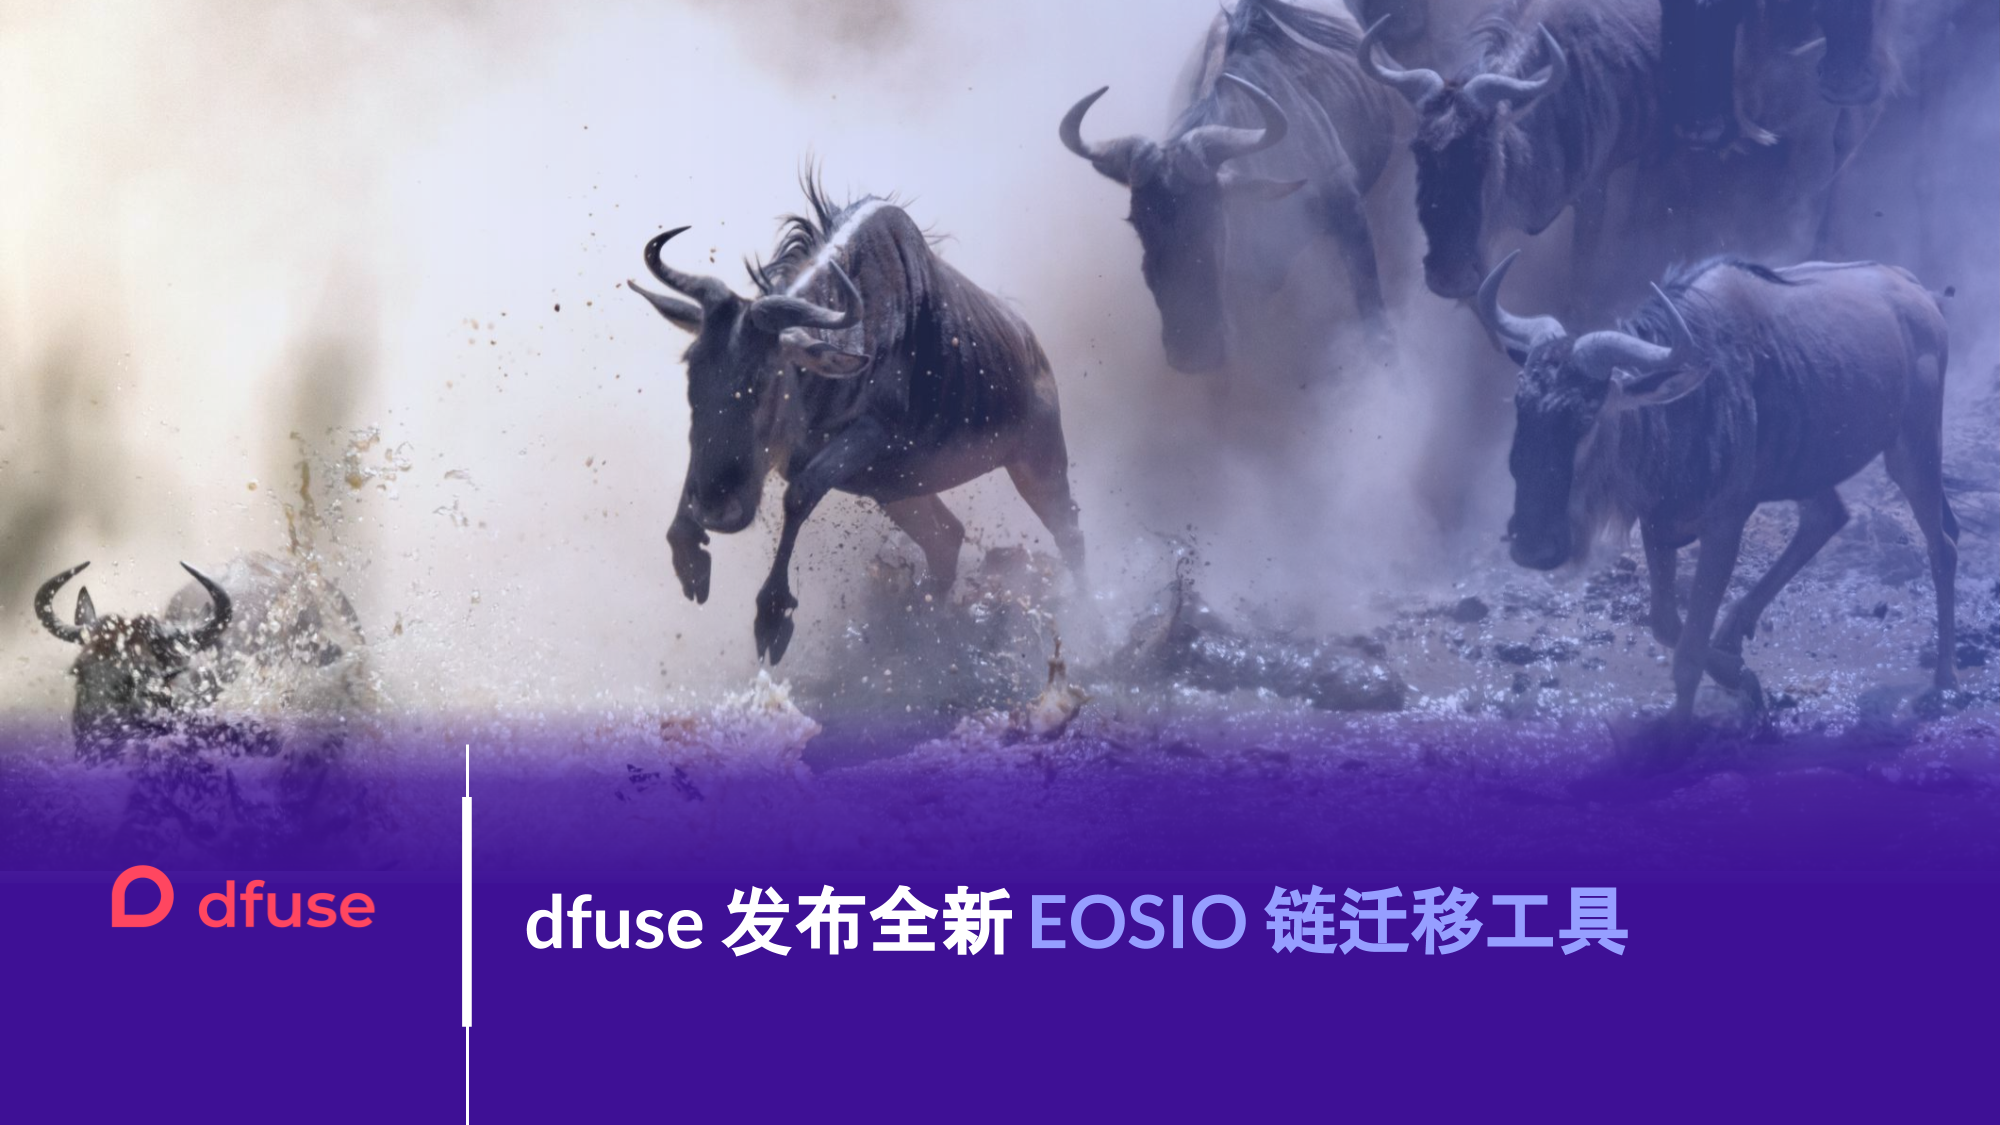 dfuse 发布全新 EOSIO 链迁移工具